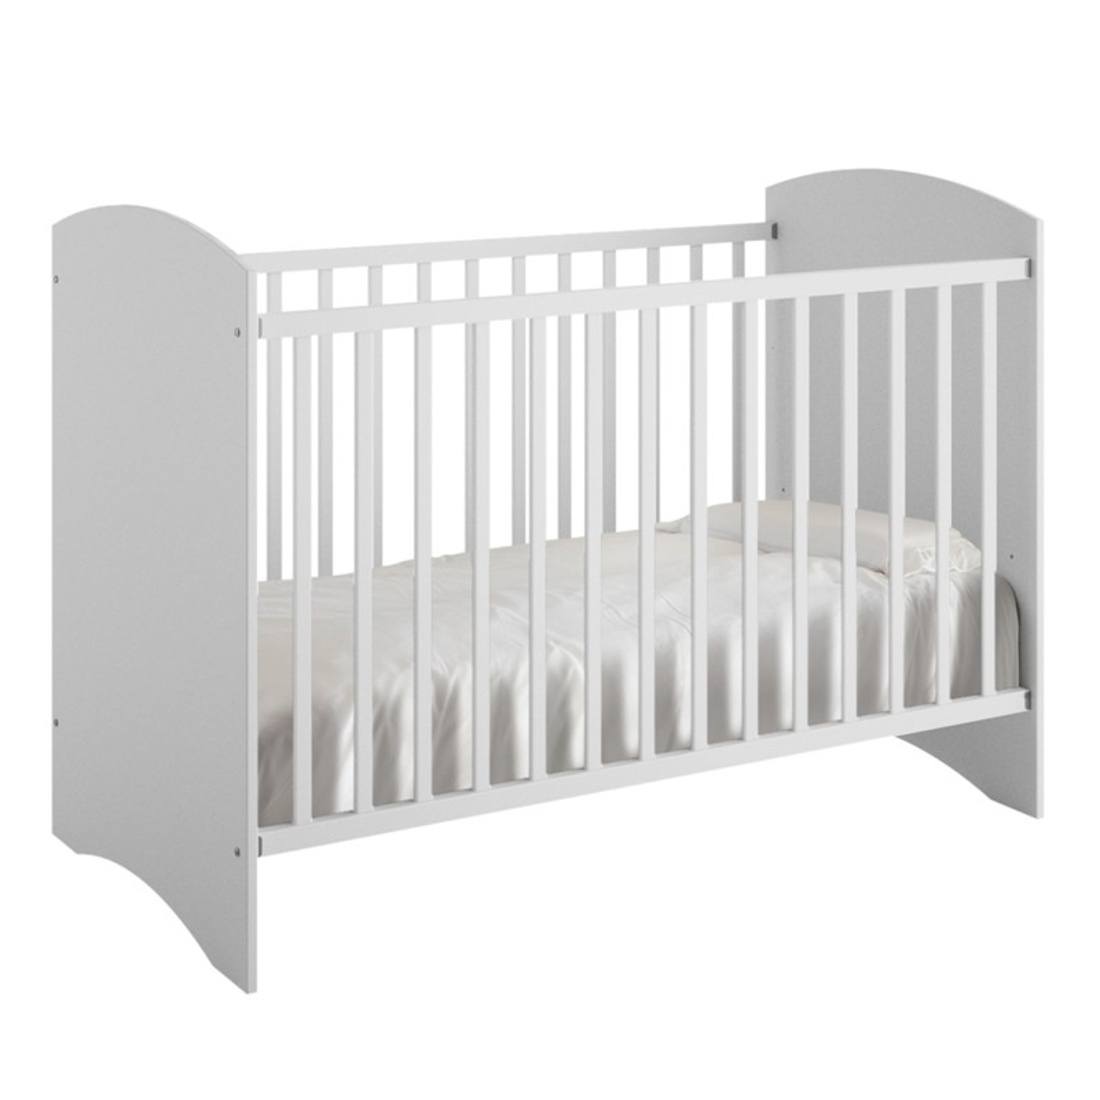 lit b b avec matelas anis univers de la chambre tousmesmeubles. Black Bedroom Furniture Sets. Home Design Ideas